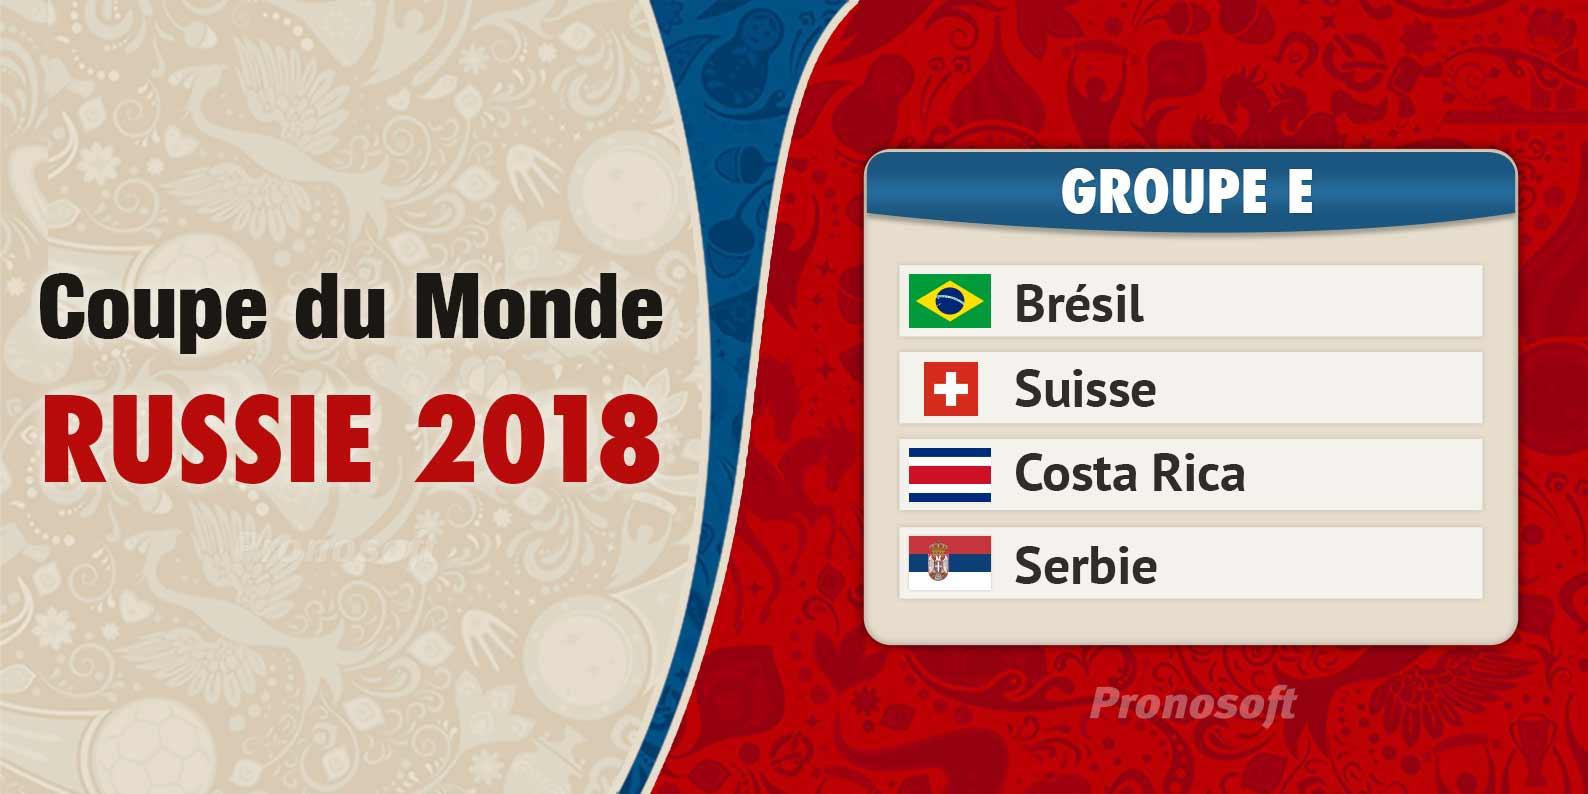 groupe e coupe du monde 2018